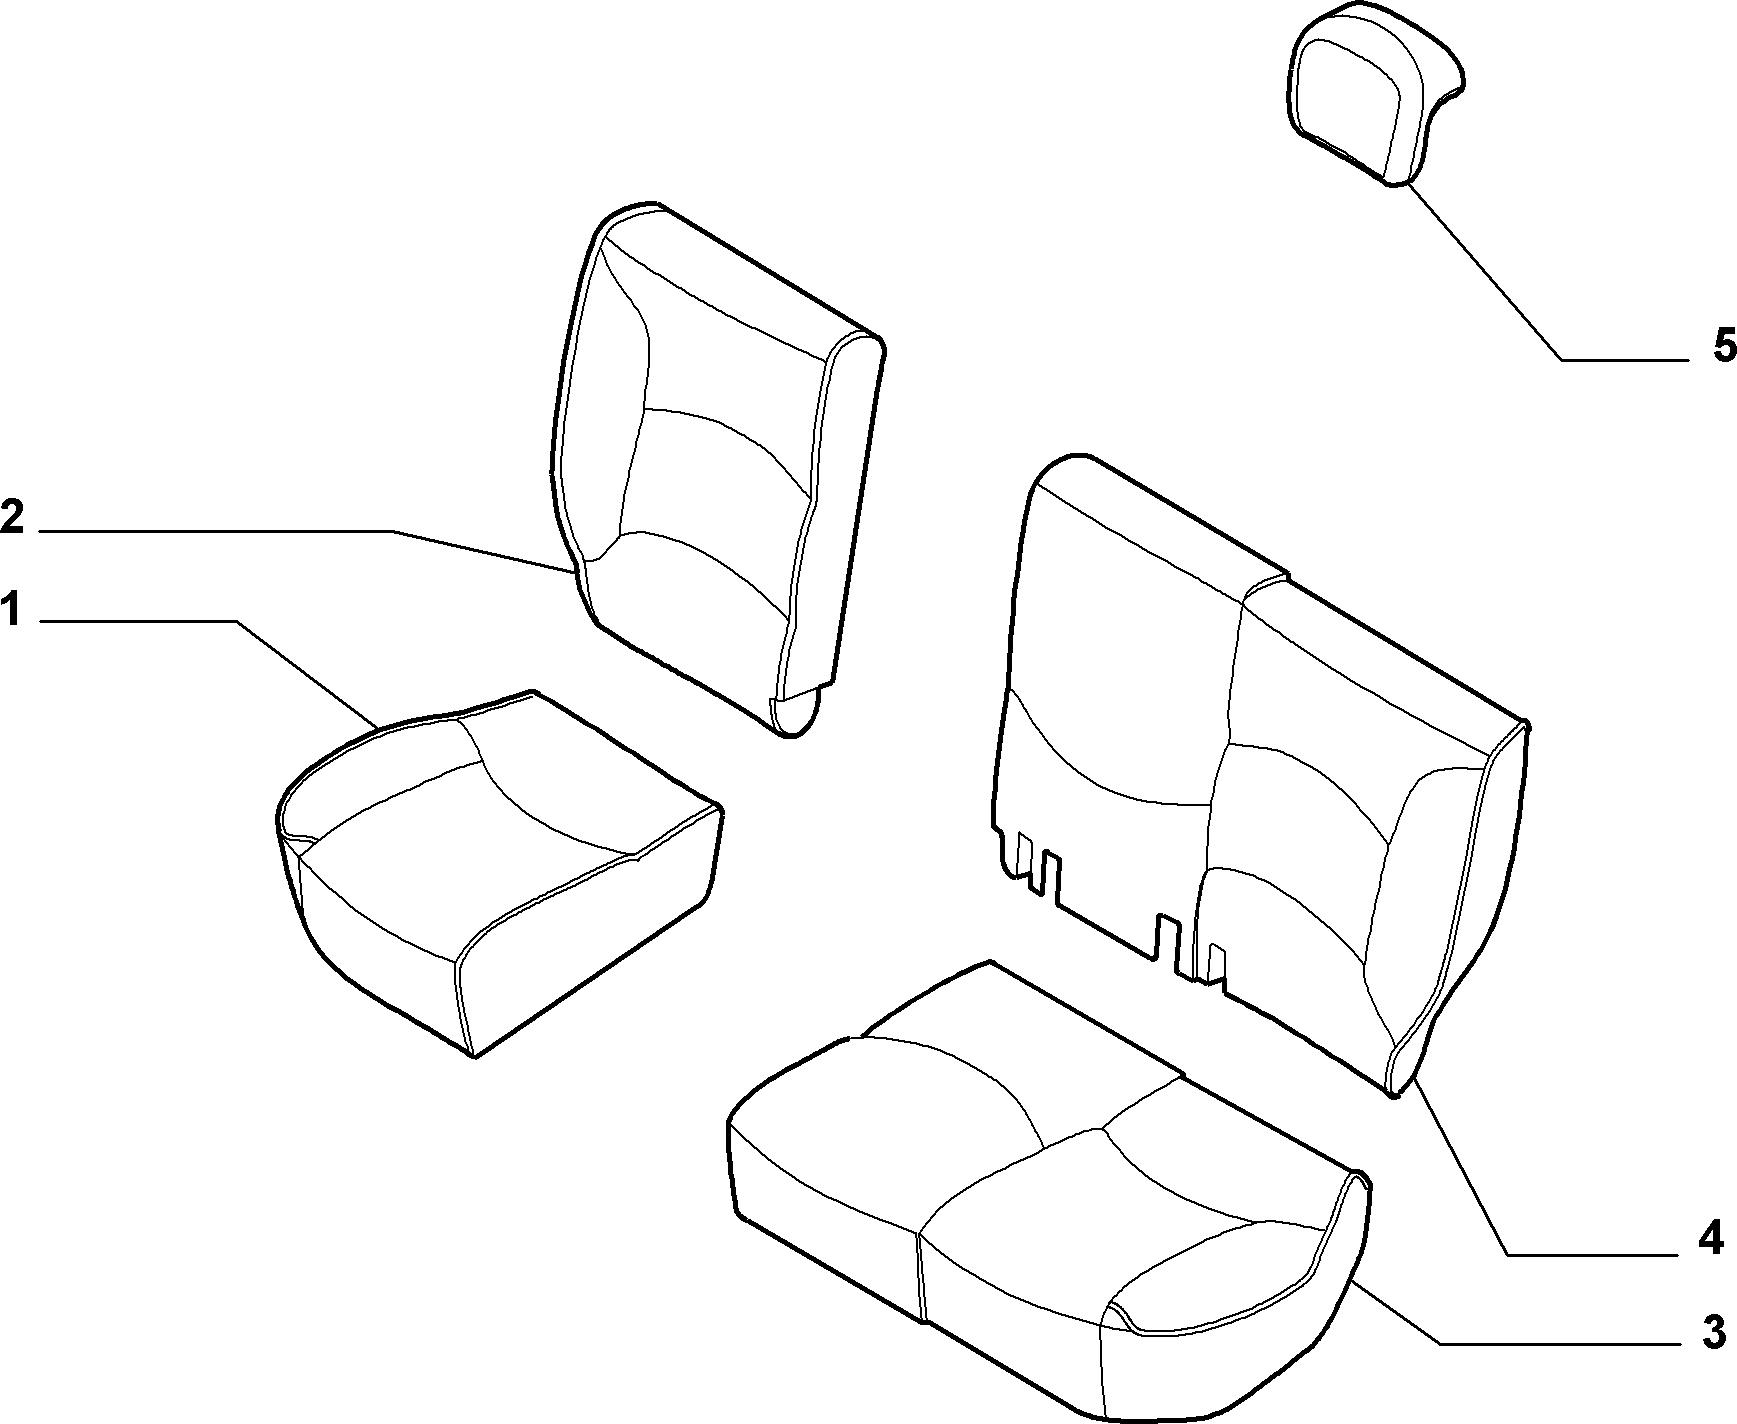 70613/07 REAR SEAT